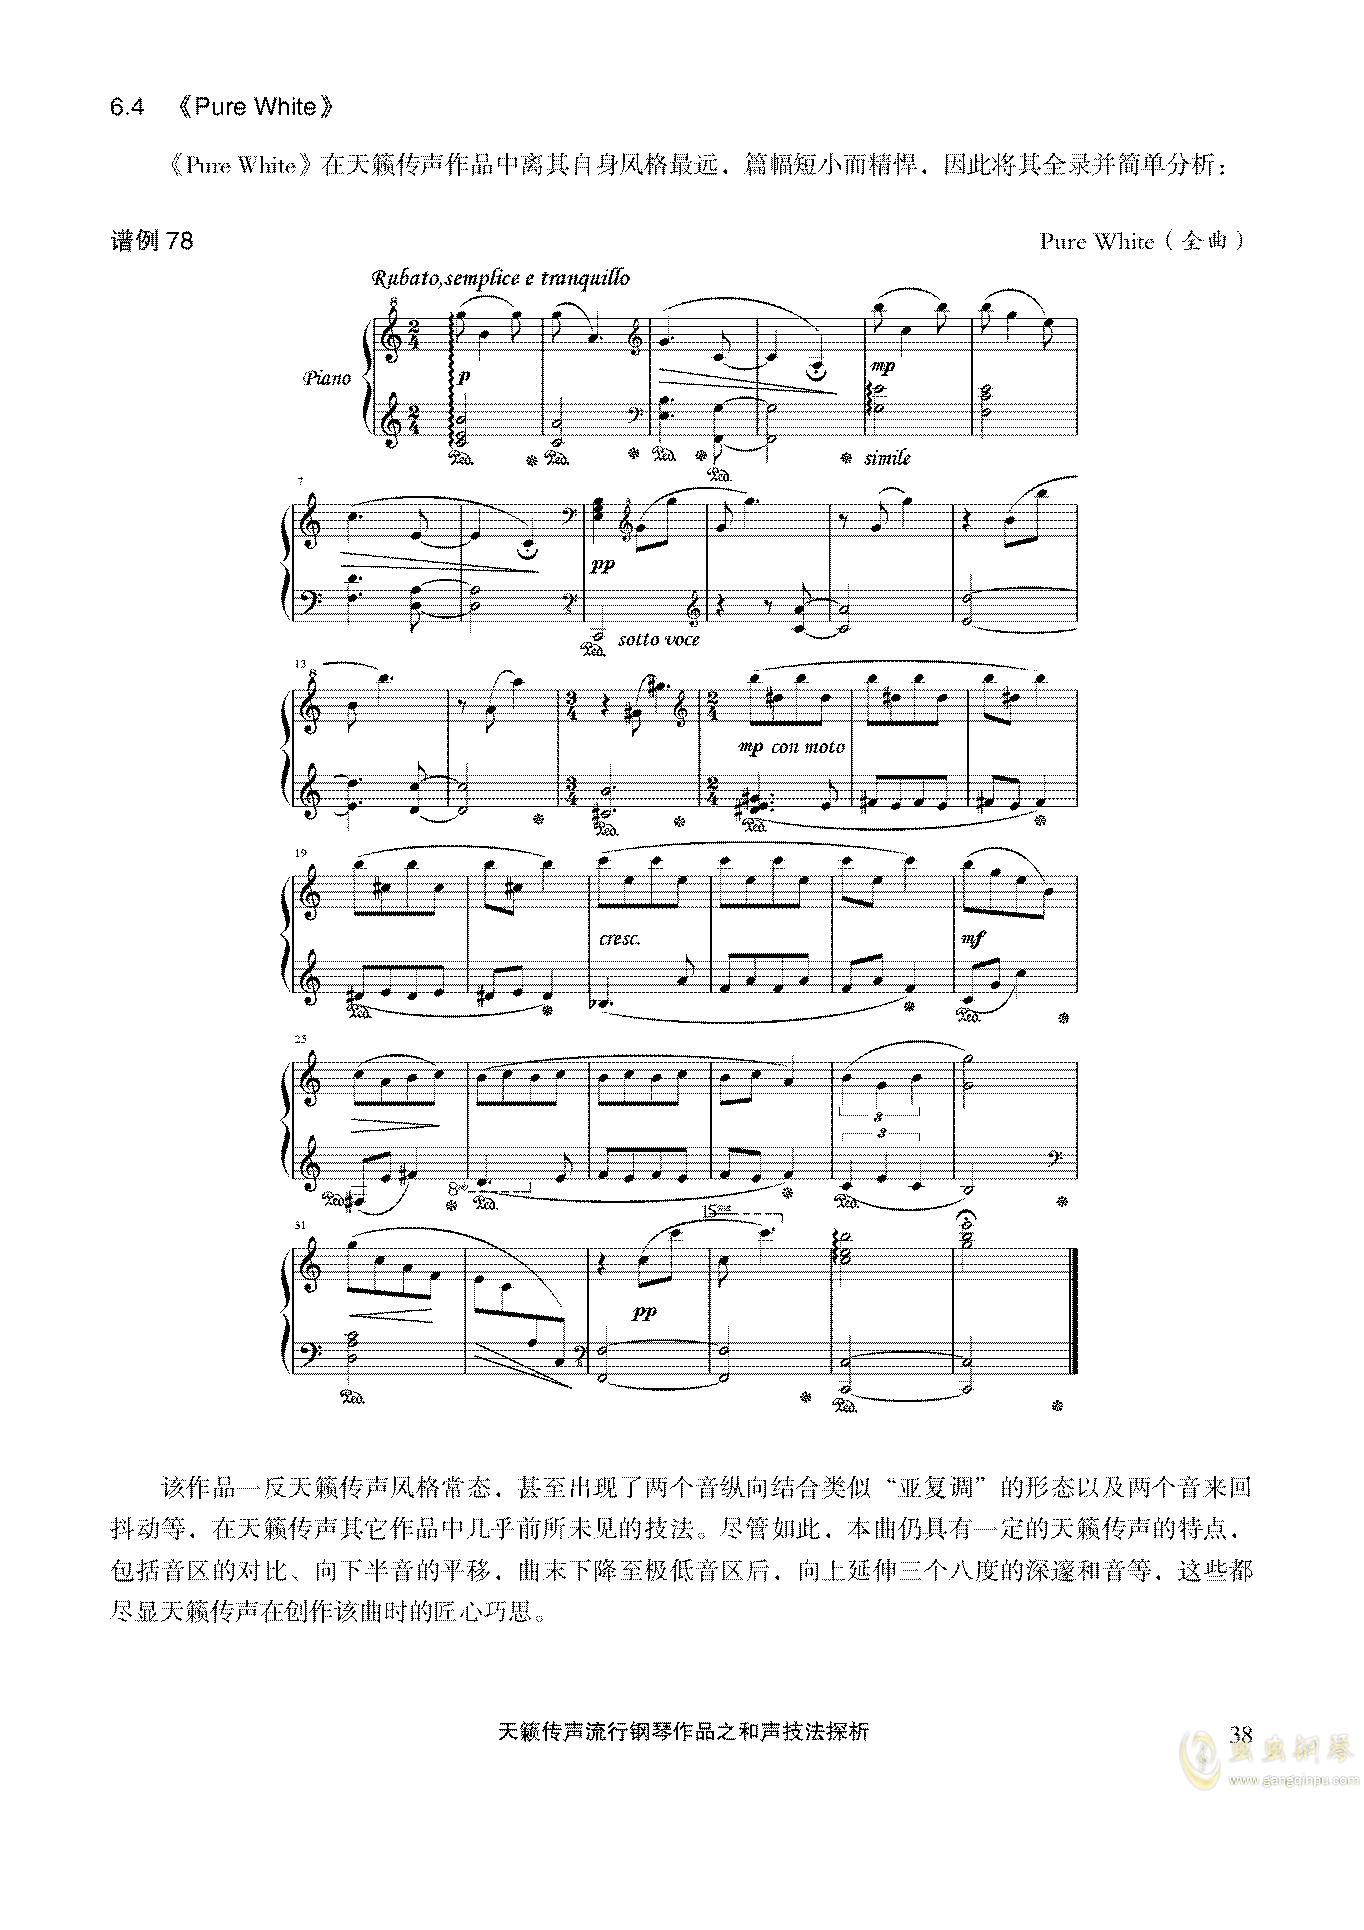 天籁传声和声技法探析钢琴谱 第38页